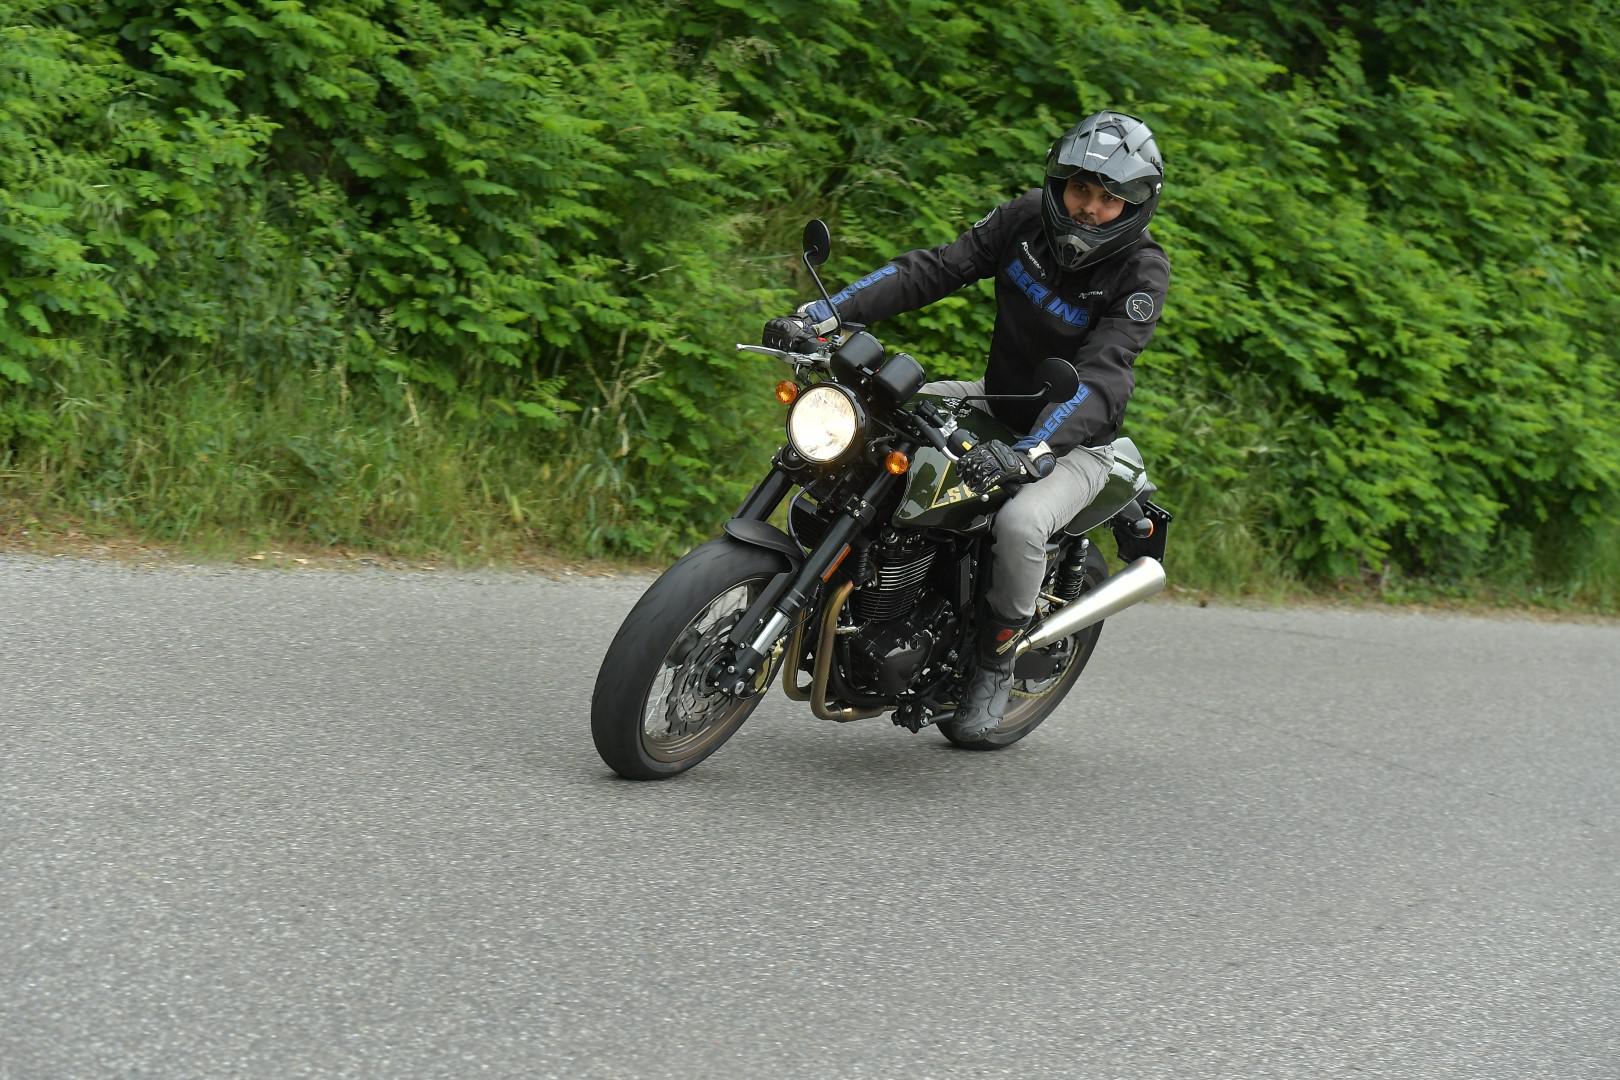 swm-world-test-ride-337-18.jpg